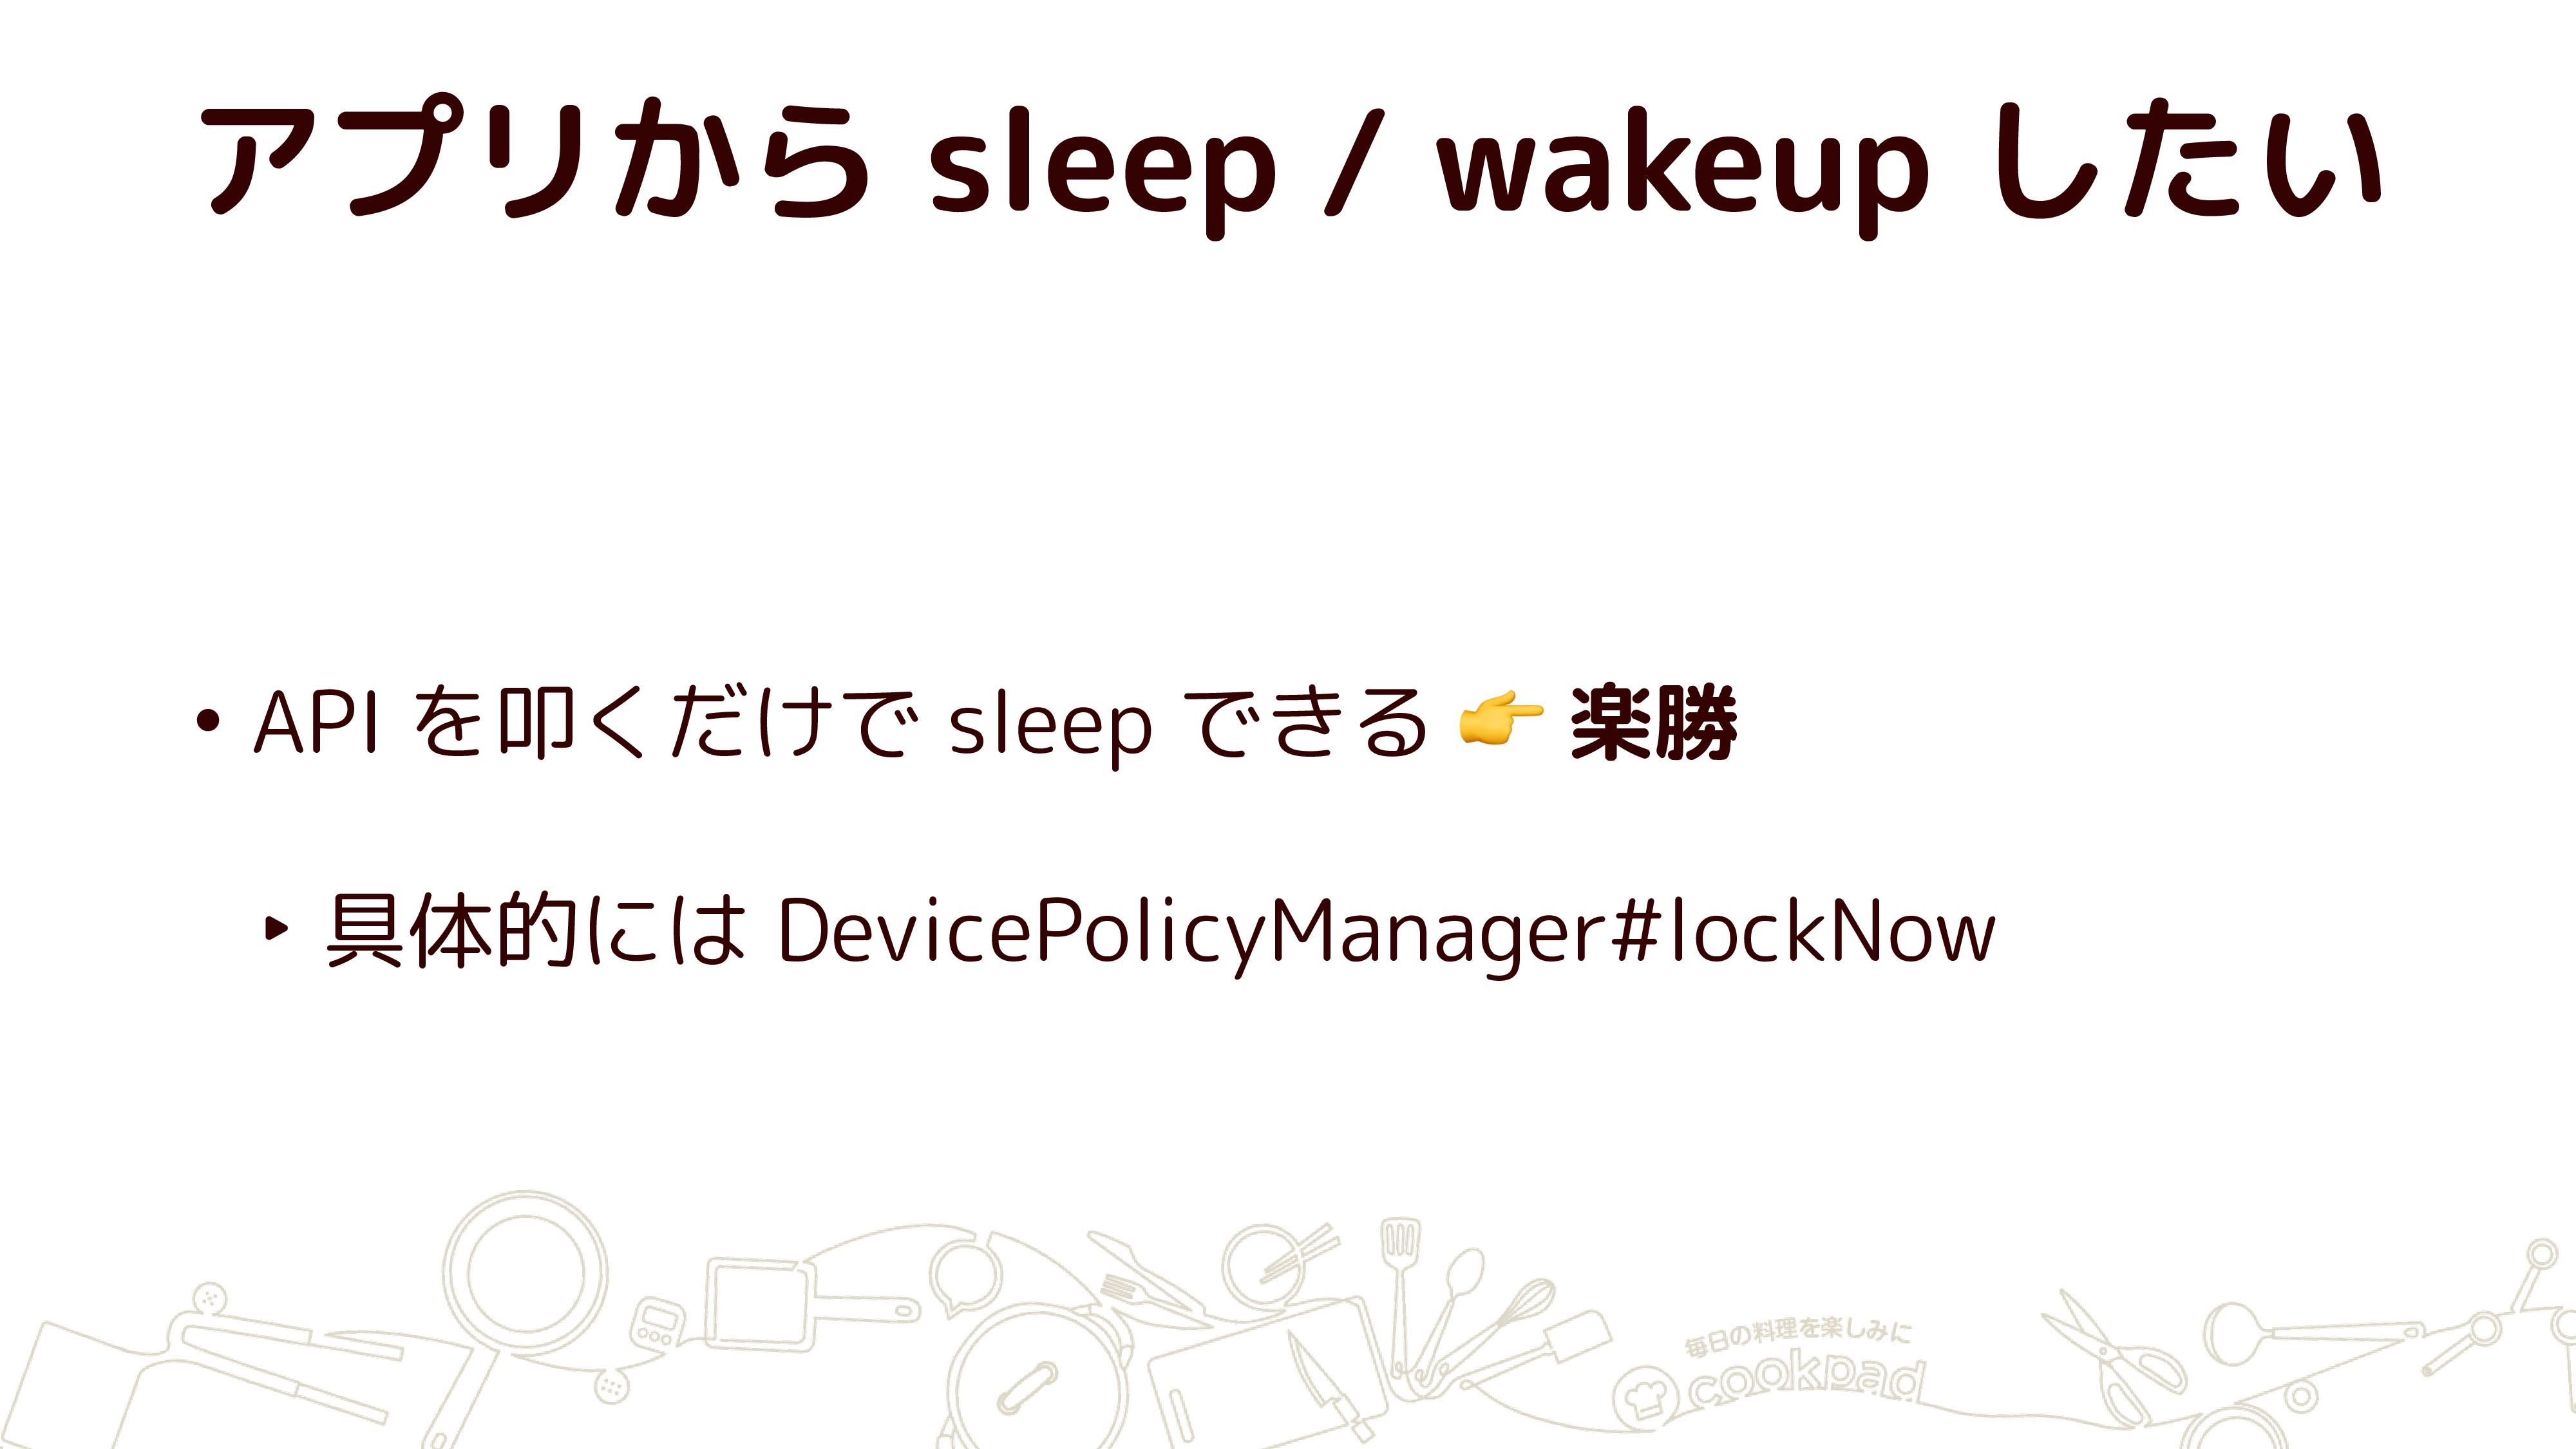 アプリから sleep / wakeup したい • API を叩くだけで sleep できる...